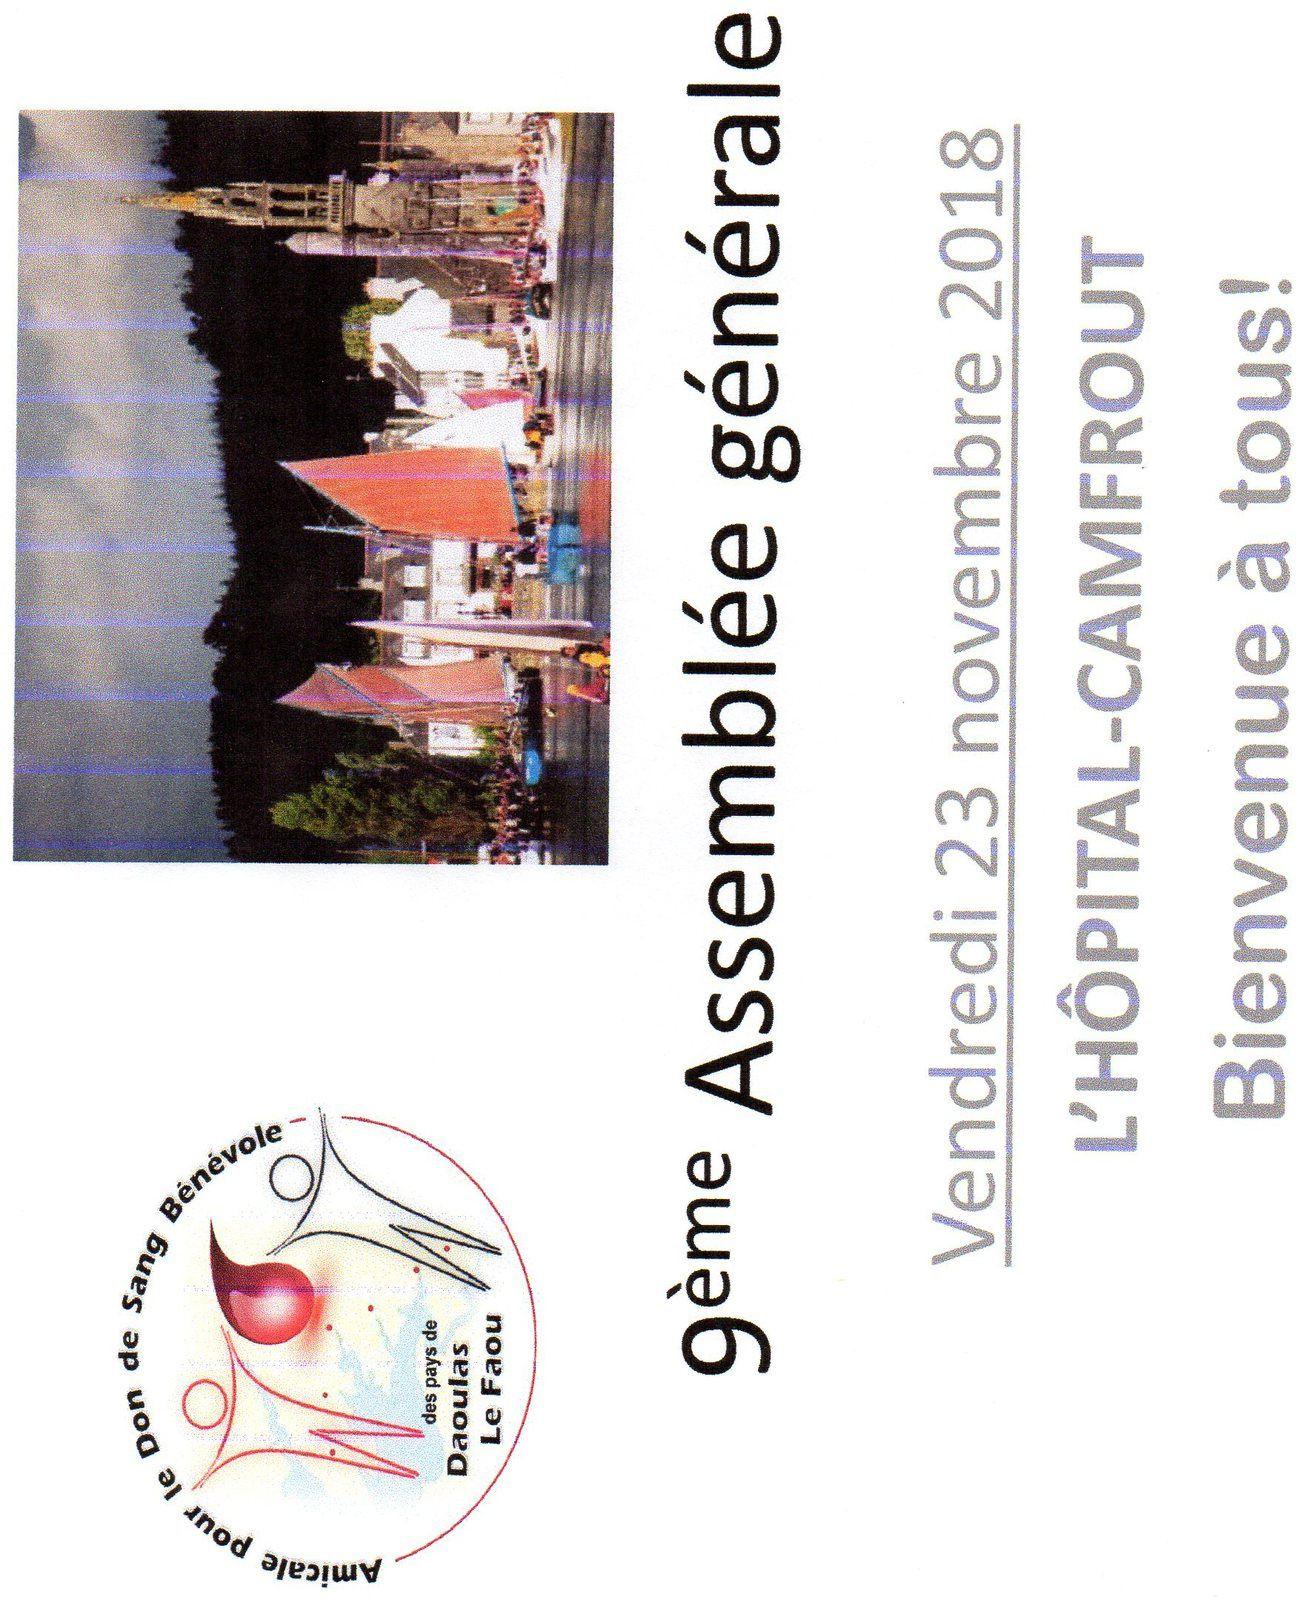 L'Assemblée Générale de notre association c'est demain à L'HÔPITAL-CAMFROUT!